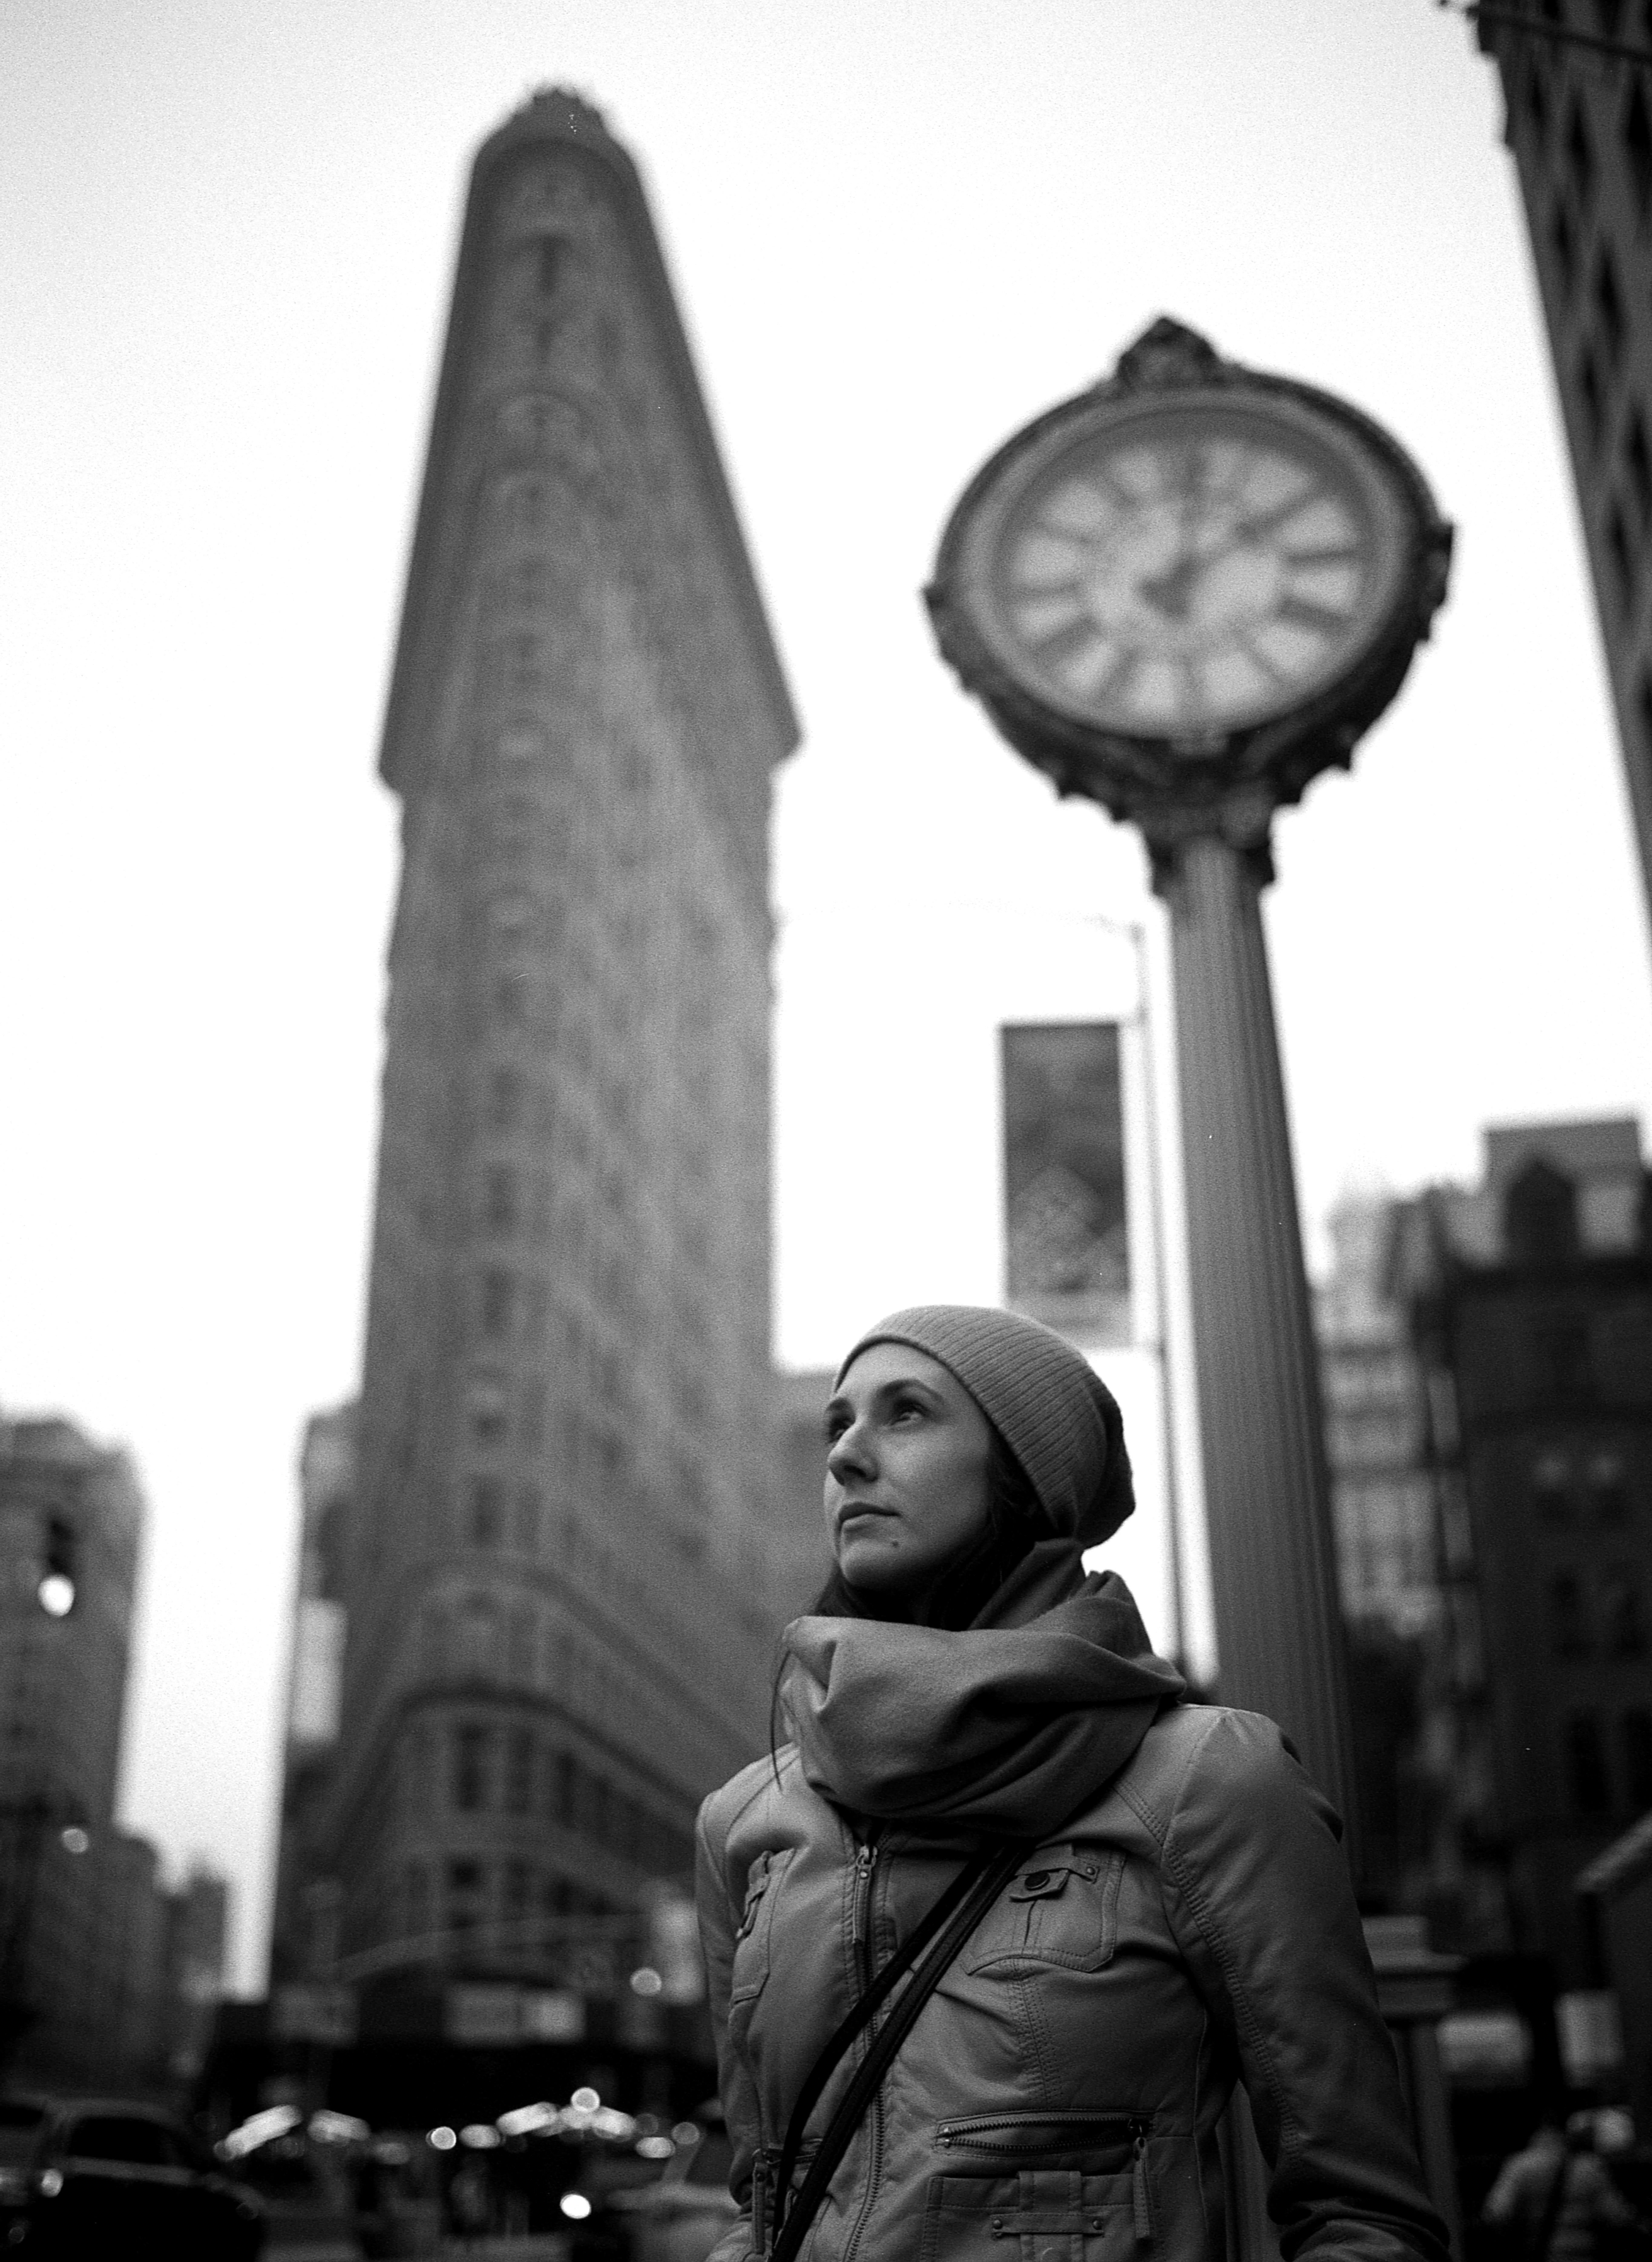 Visiting NYC [Mamiya 645 Pro TL, 55mm 2 8, Tri-X] : analog